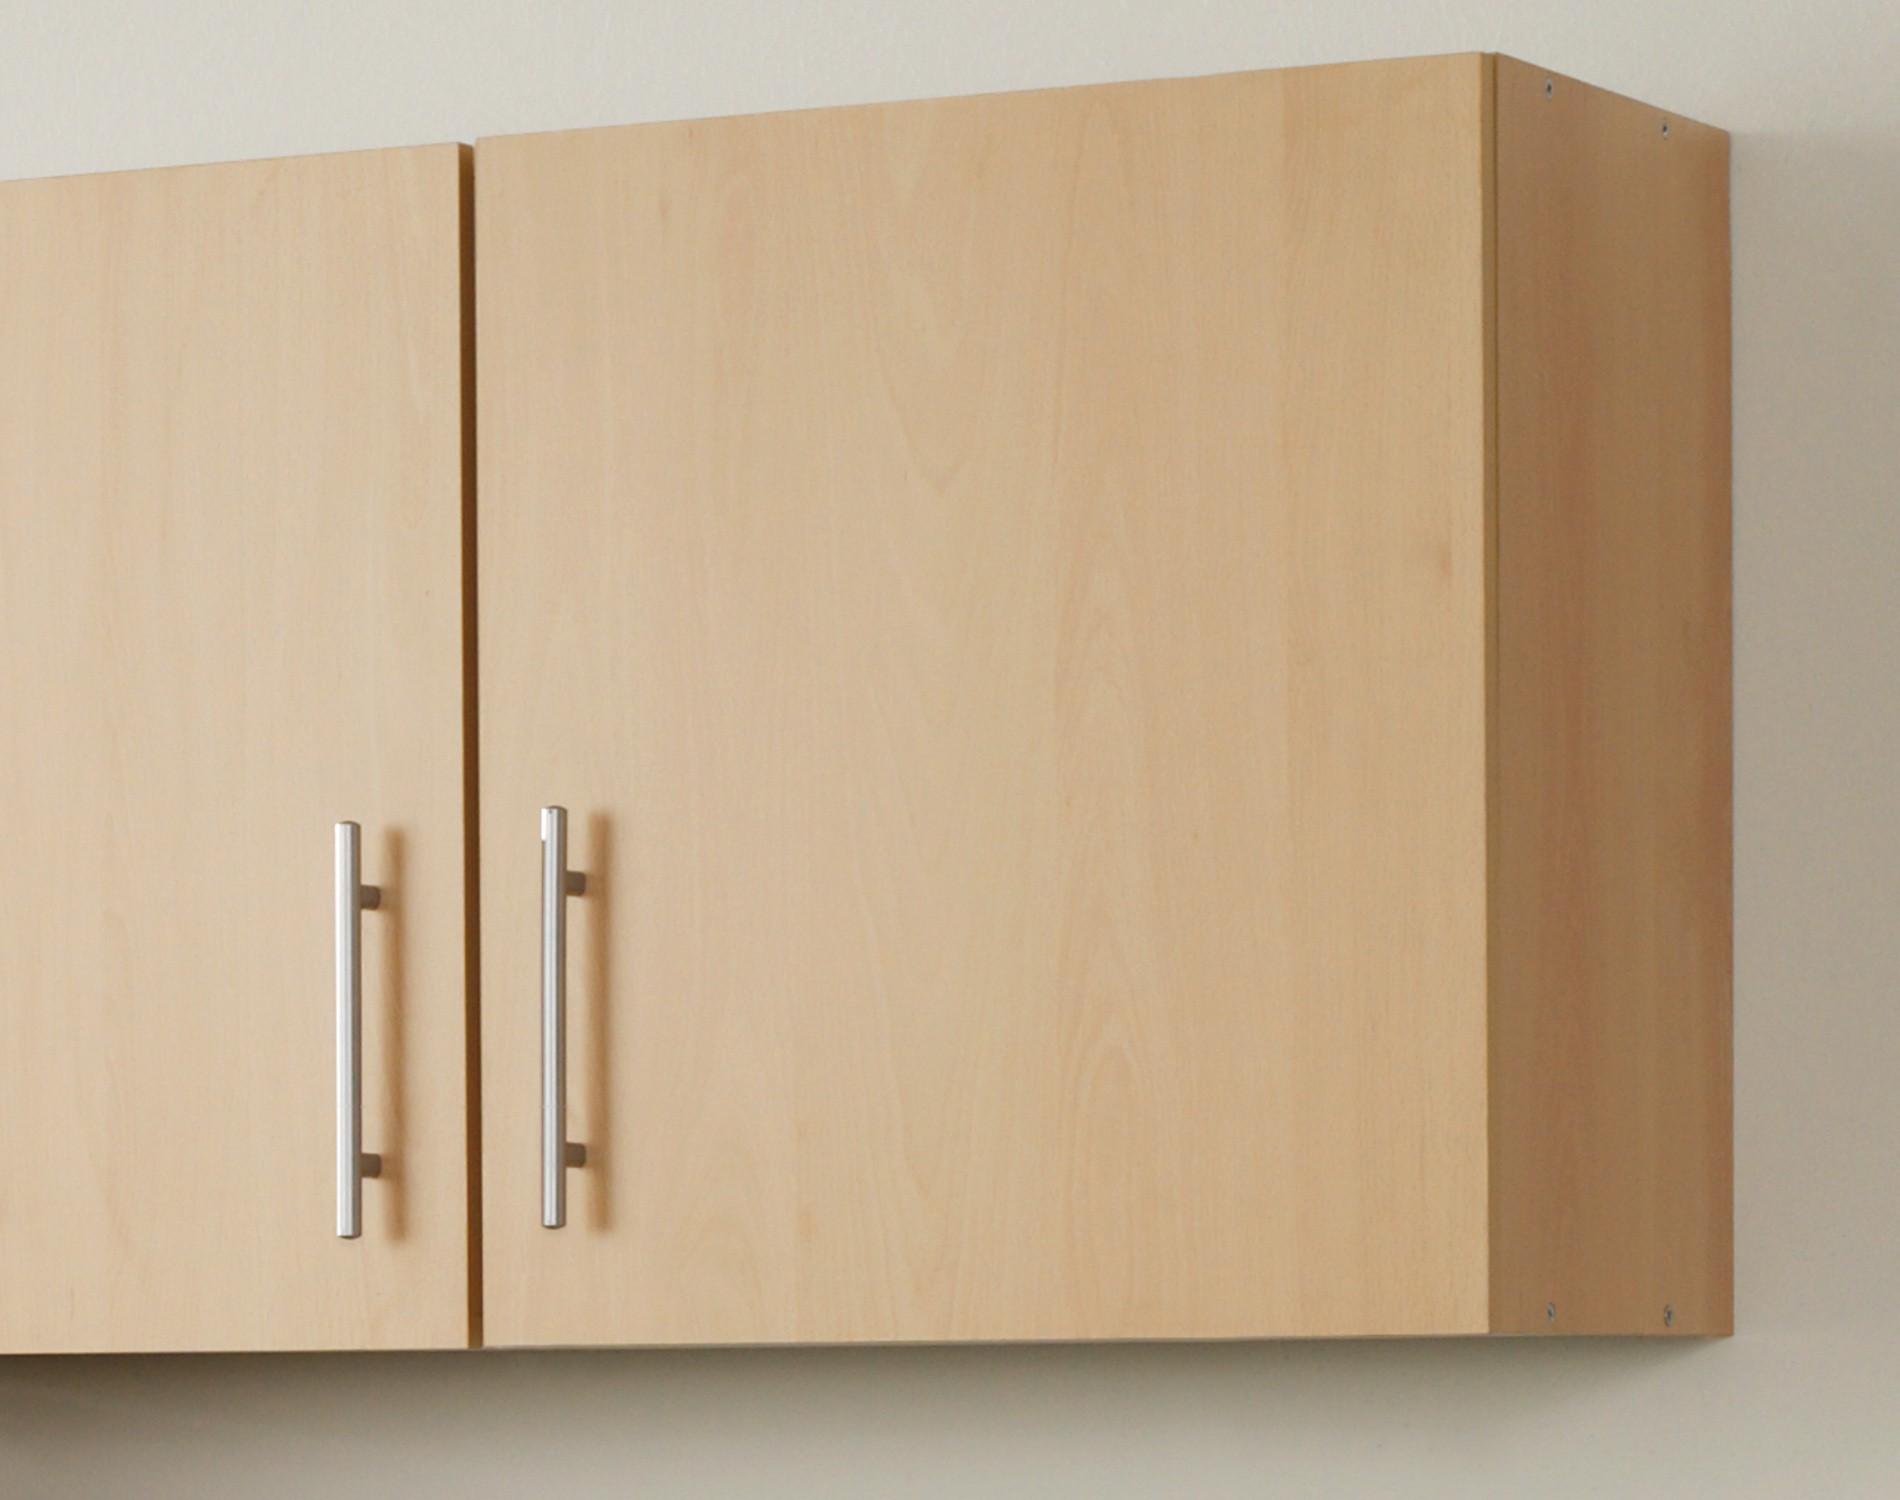 Kleiner Kühlschrank Gebraucht Berlin : Kühlschrank berlin kleiner kühlschrank von ok single fridge from